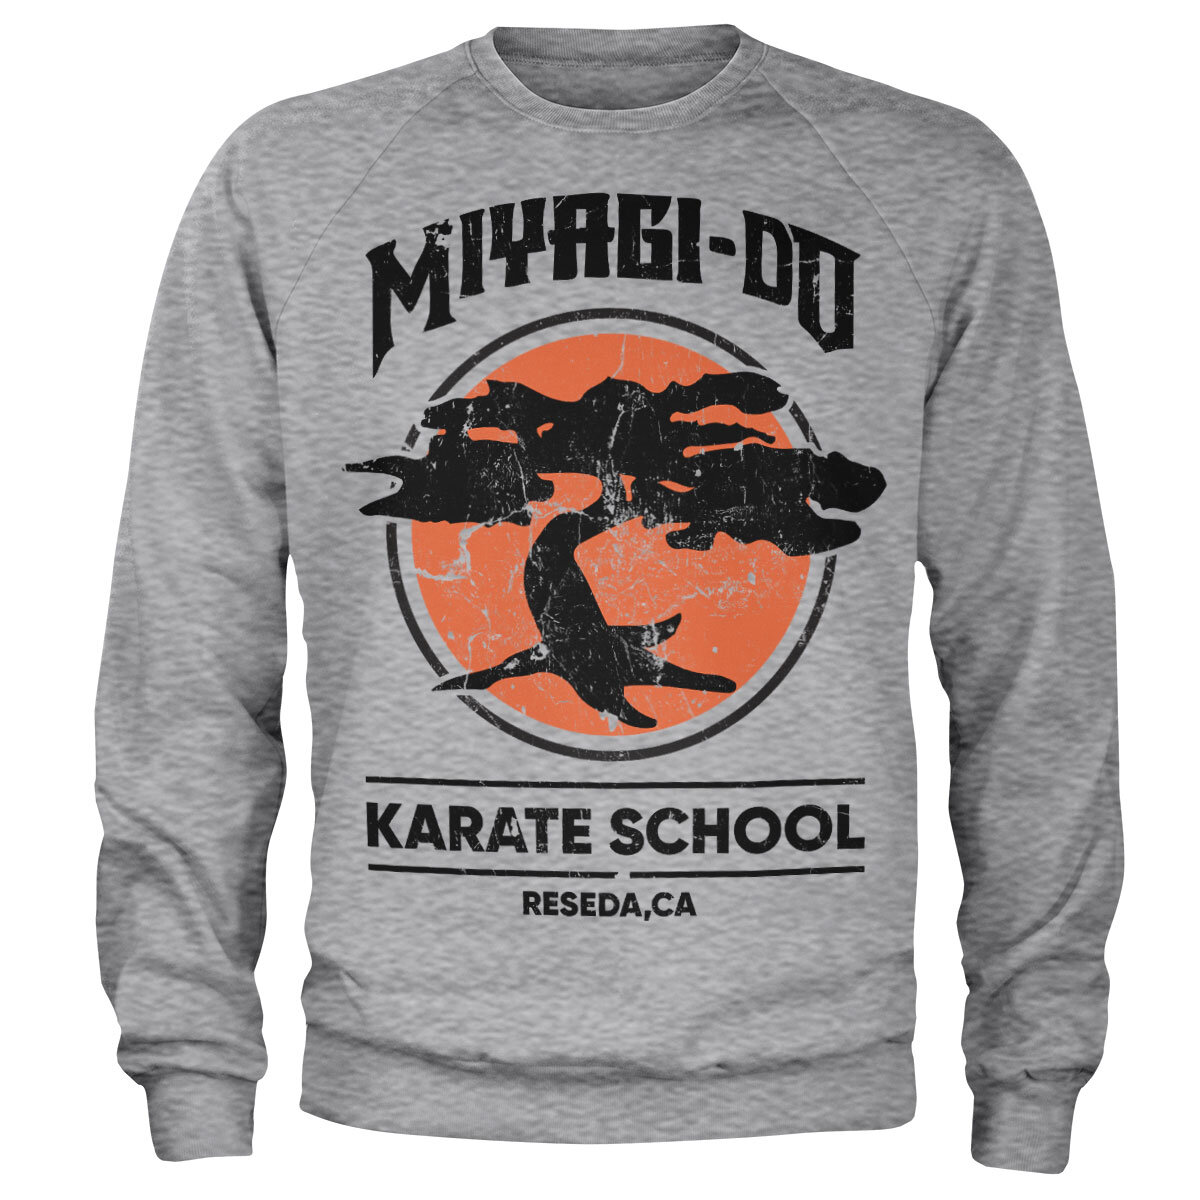 Miyagi-Do Karate School Sweatshirt